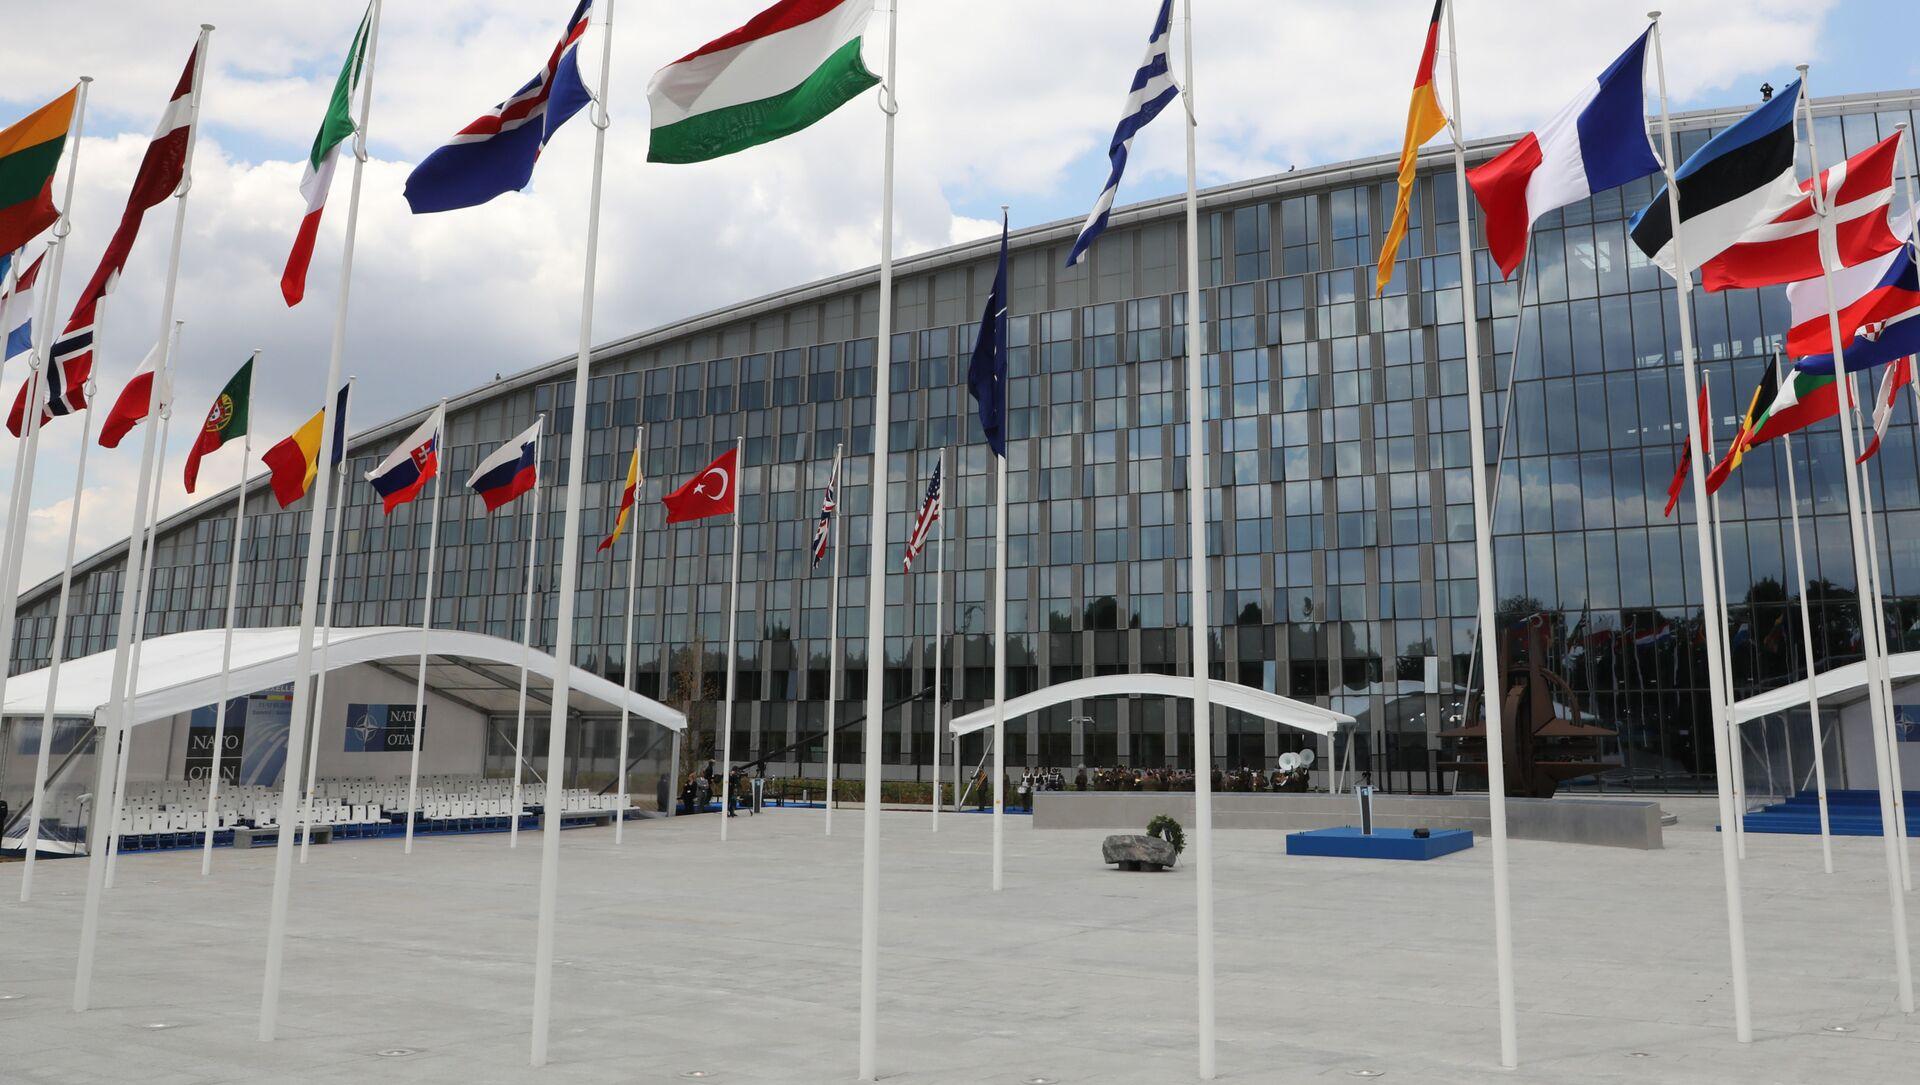 Sídlo NATO v Bruselu - Sputnik Česká republika, 1920, 28.02.2021